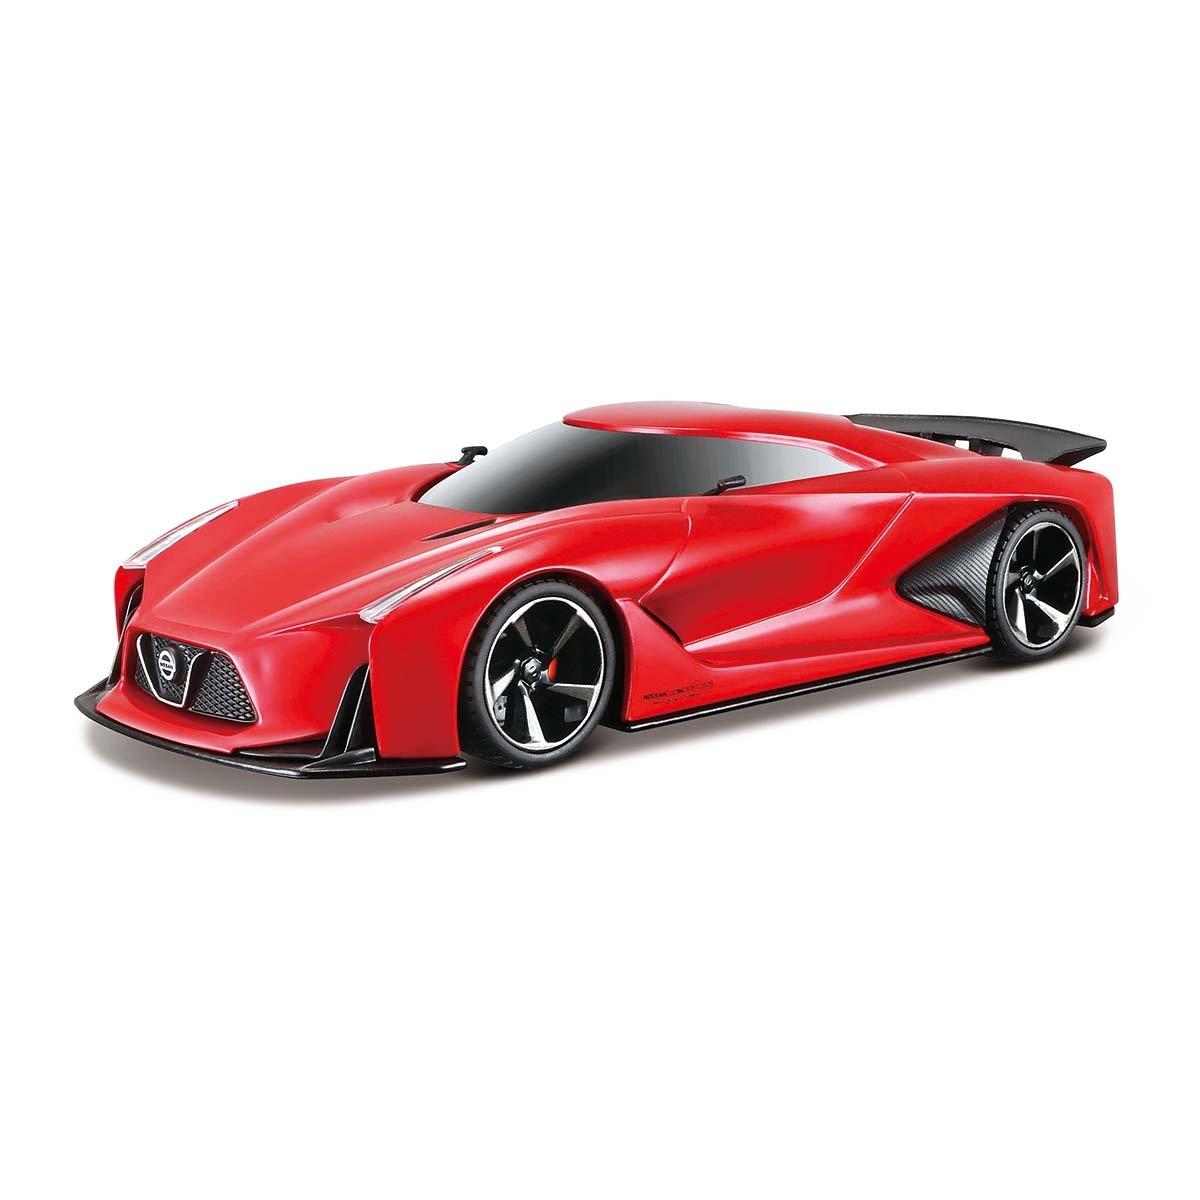 Masinuta Maisto Nissan Vision Gran Turismo, 1:32, Rosu